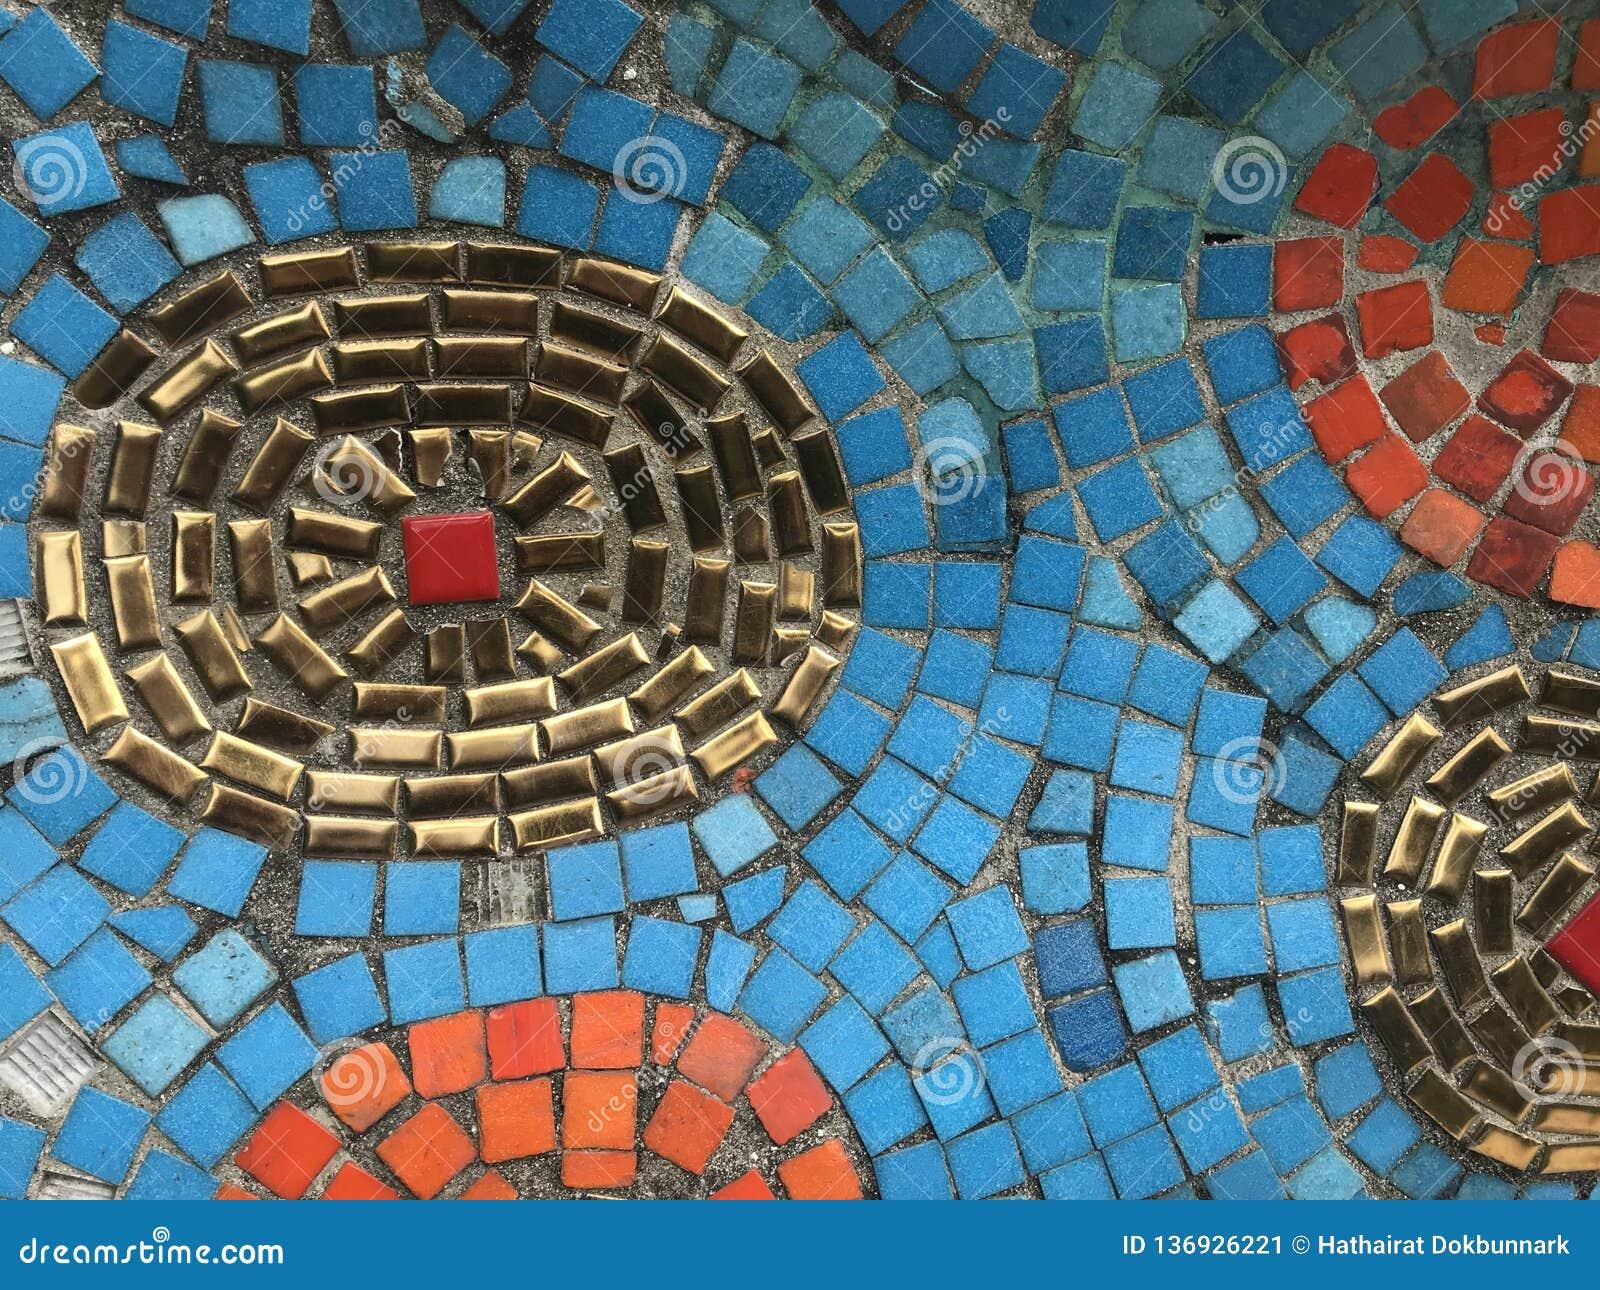 Morceaux d or, rouges, oranges et bleus de tuile carrée créés en tant que modèle stupéfiant